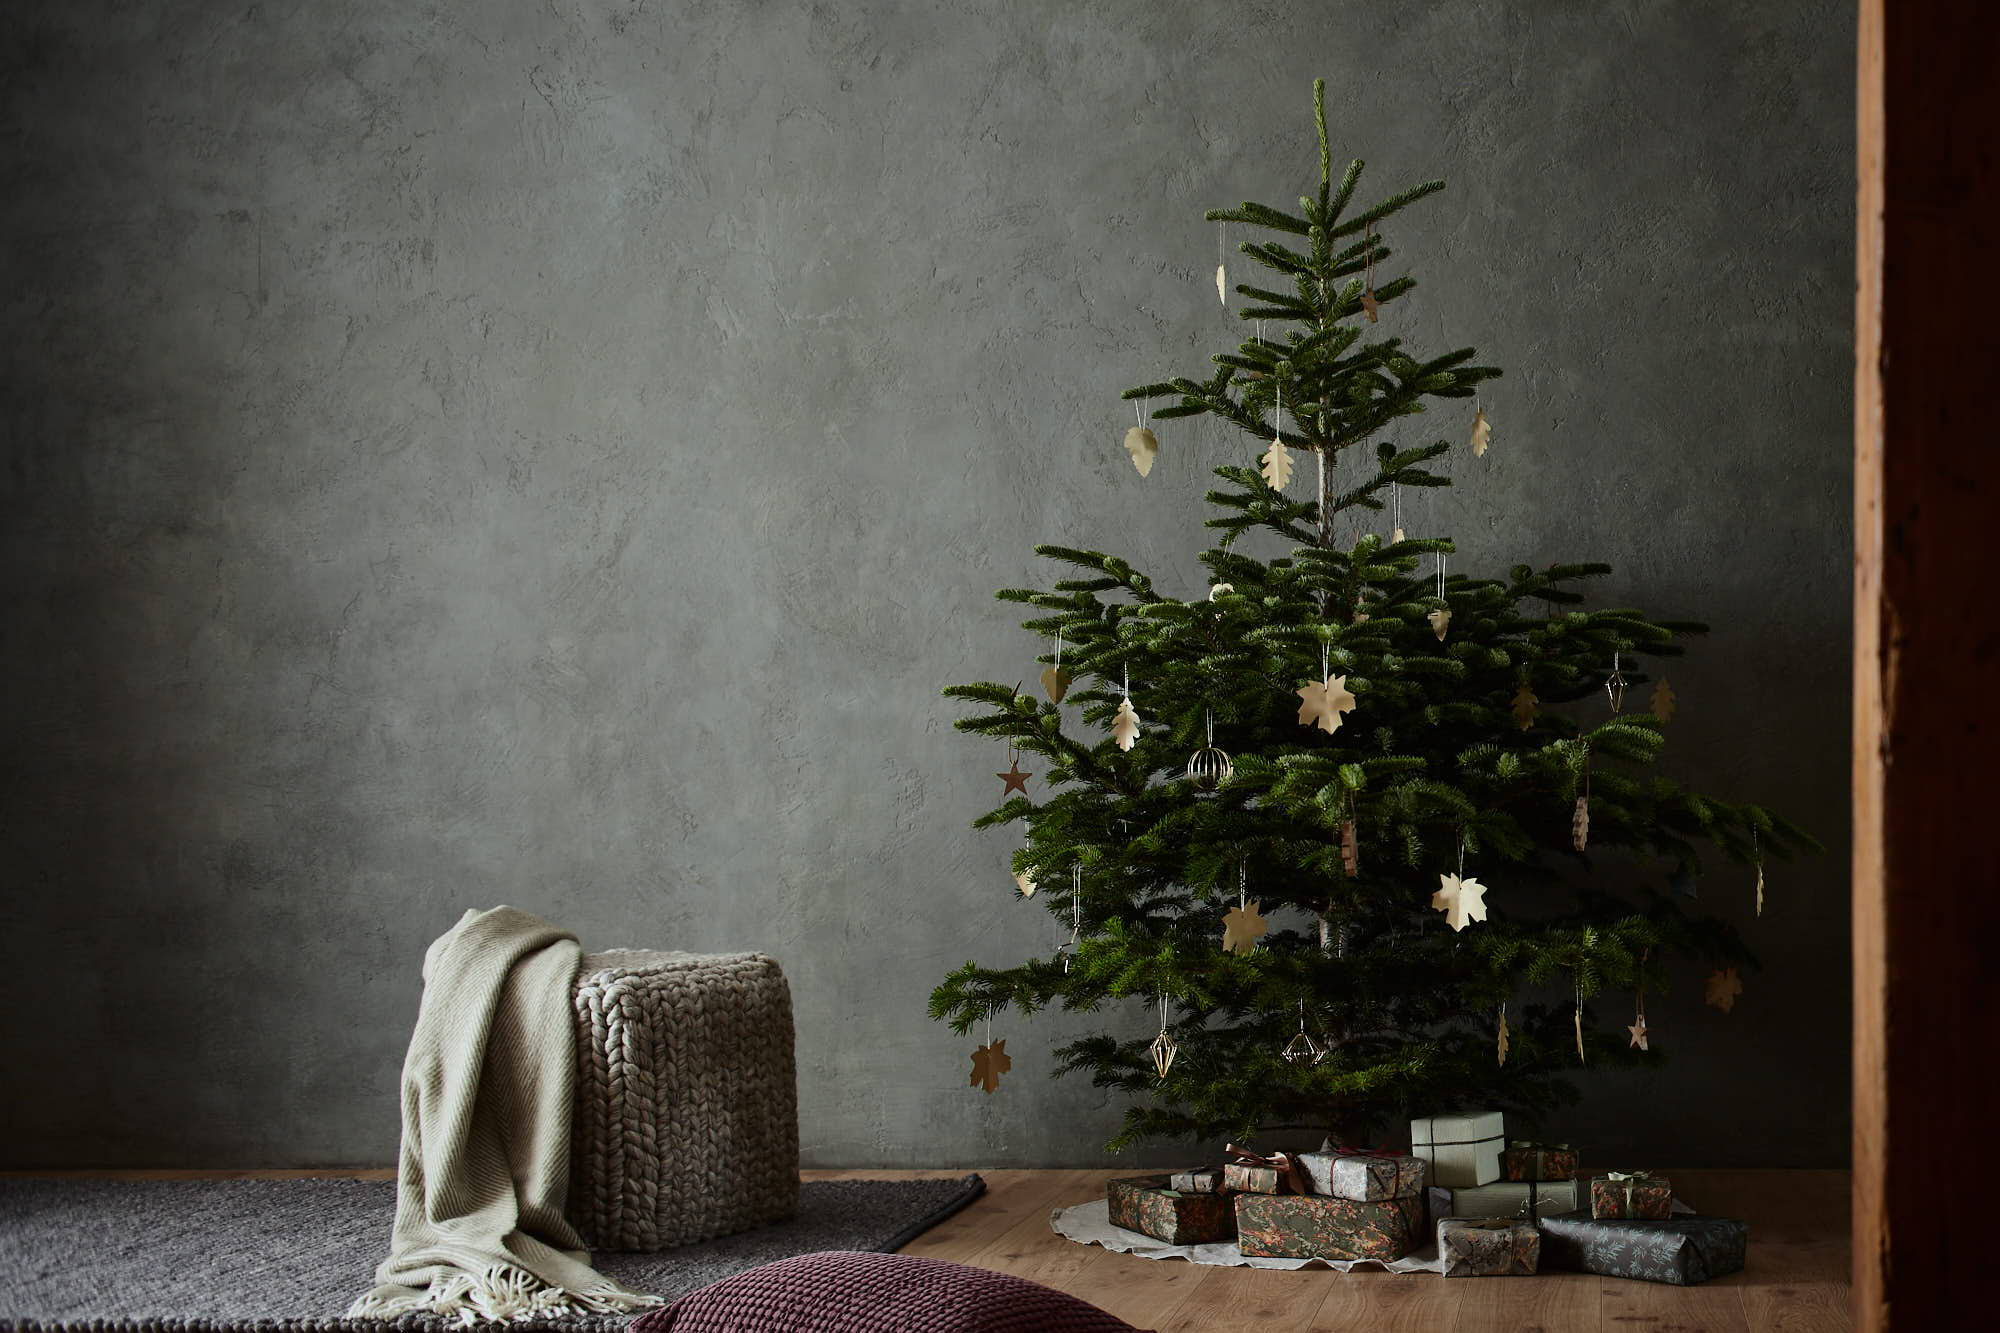 Gemütliches Wohnzimmer an Weihnachten, Geschenke